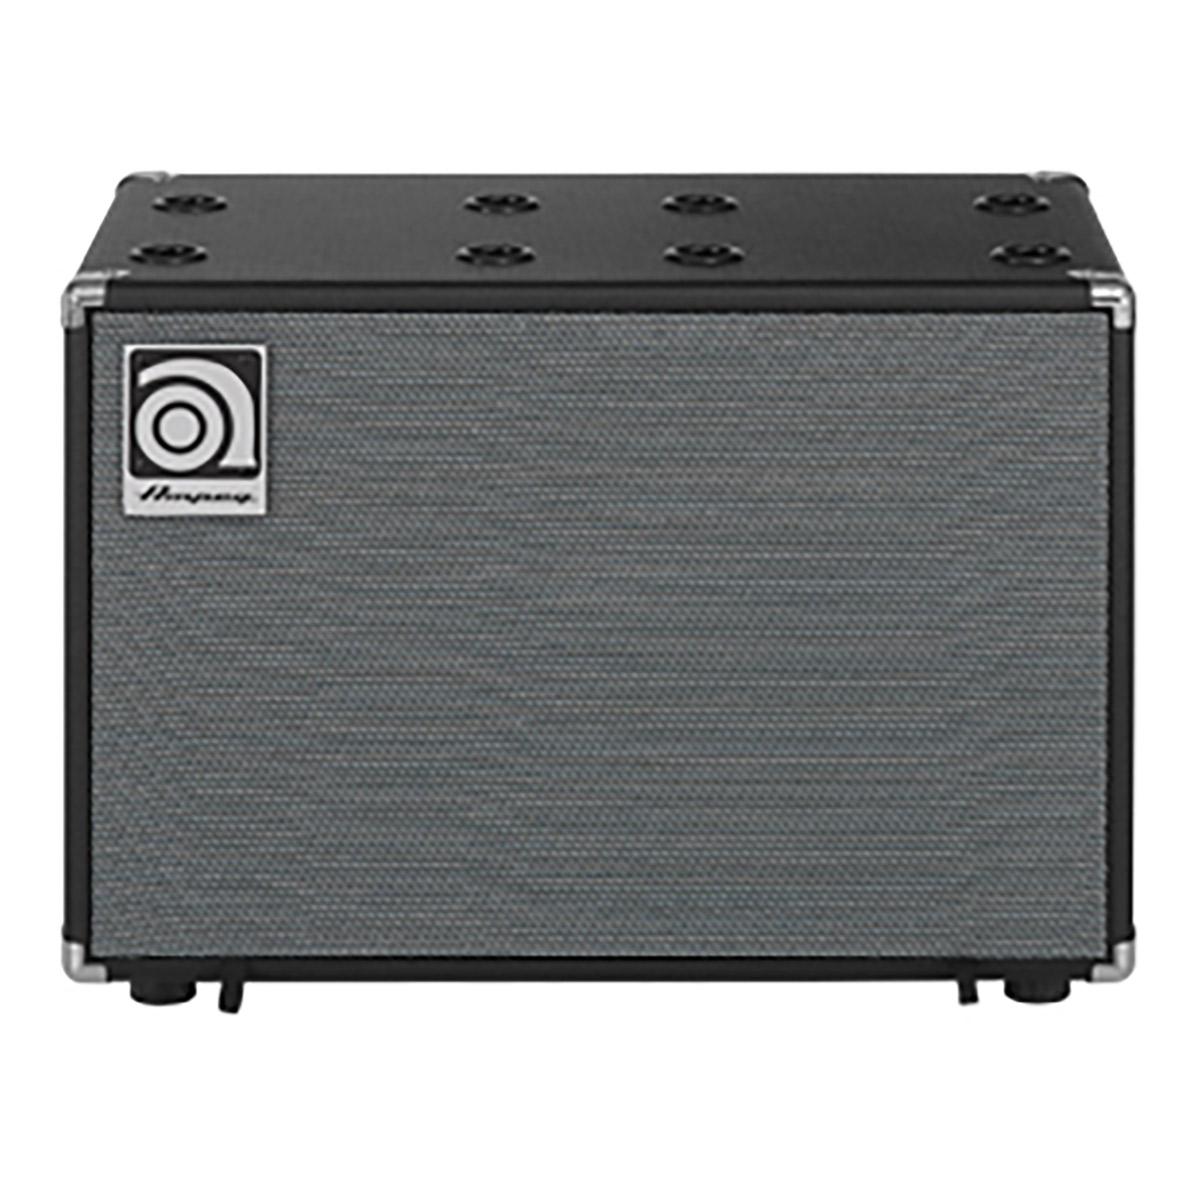 Ampeg SVT-112AV ベースアンプキャビネット CLASSICシリーズ 【アンペグ】